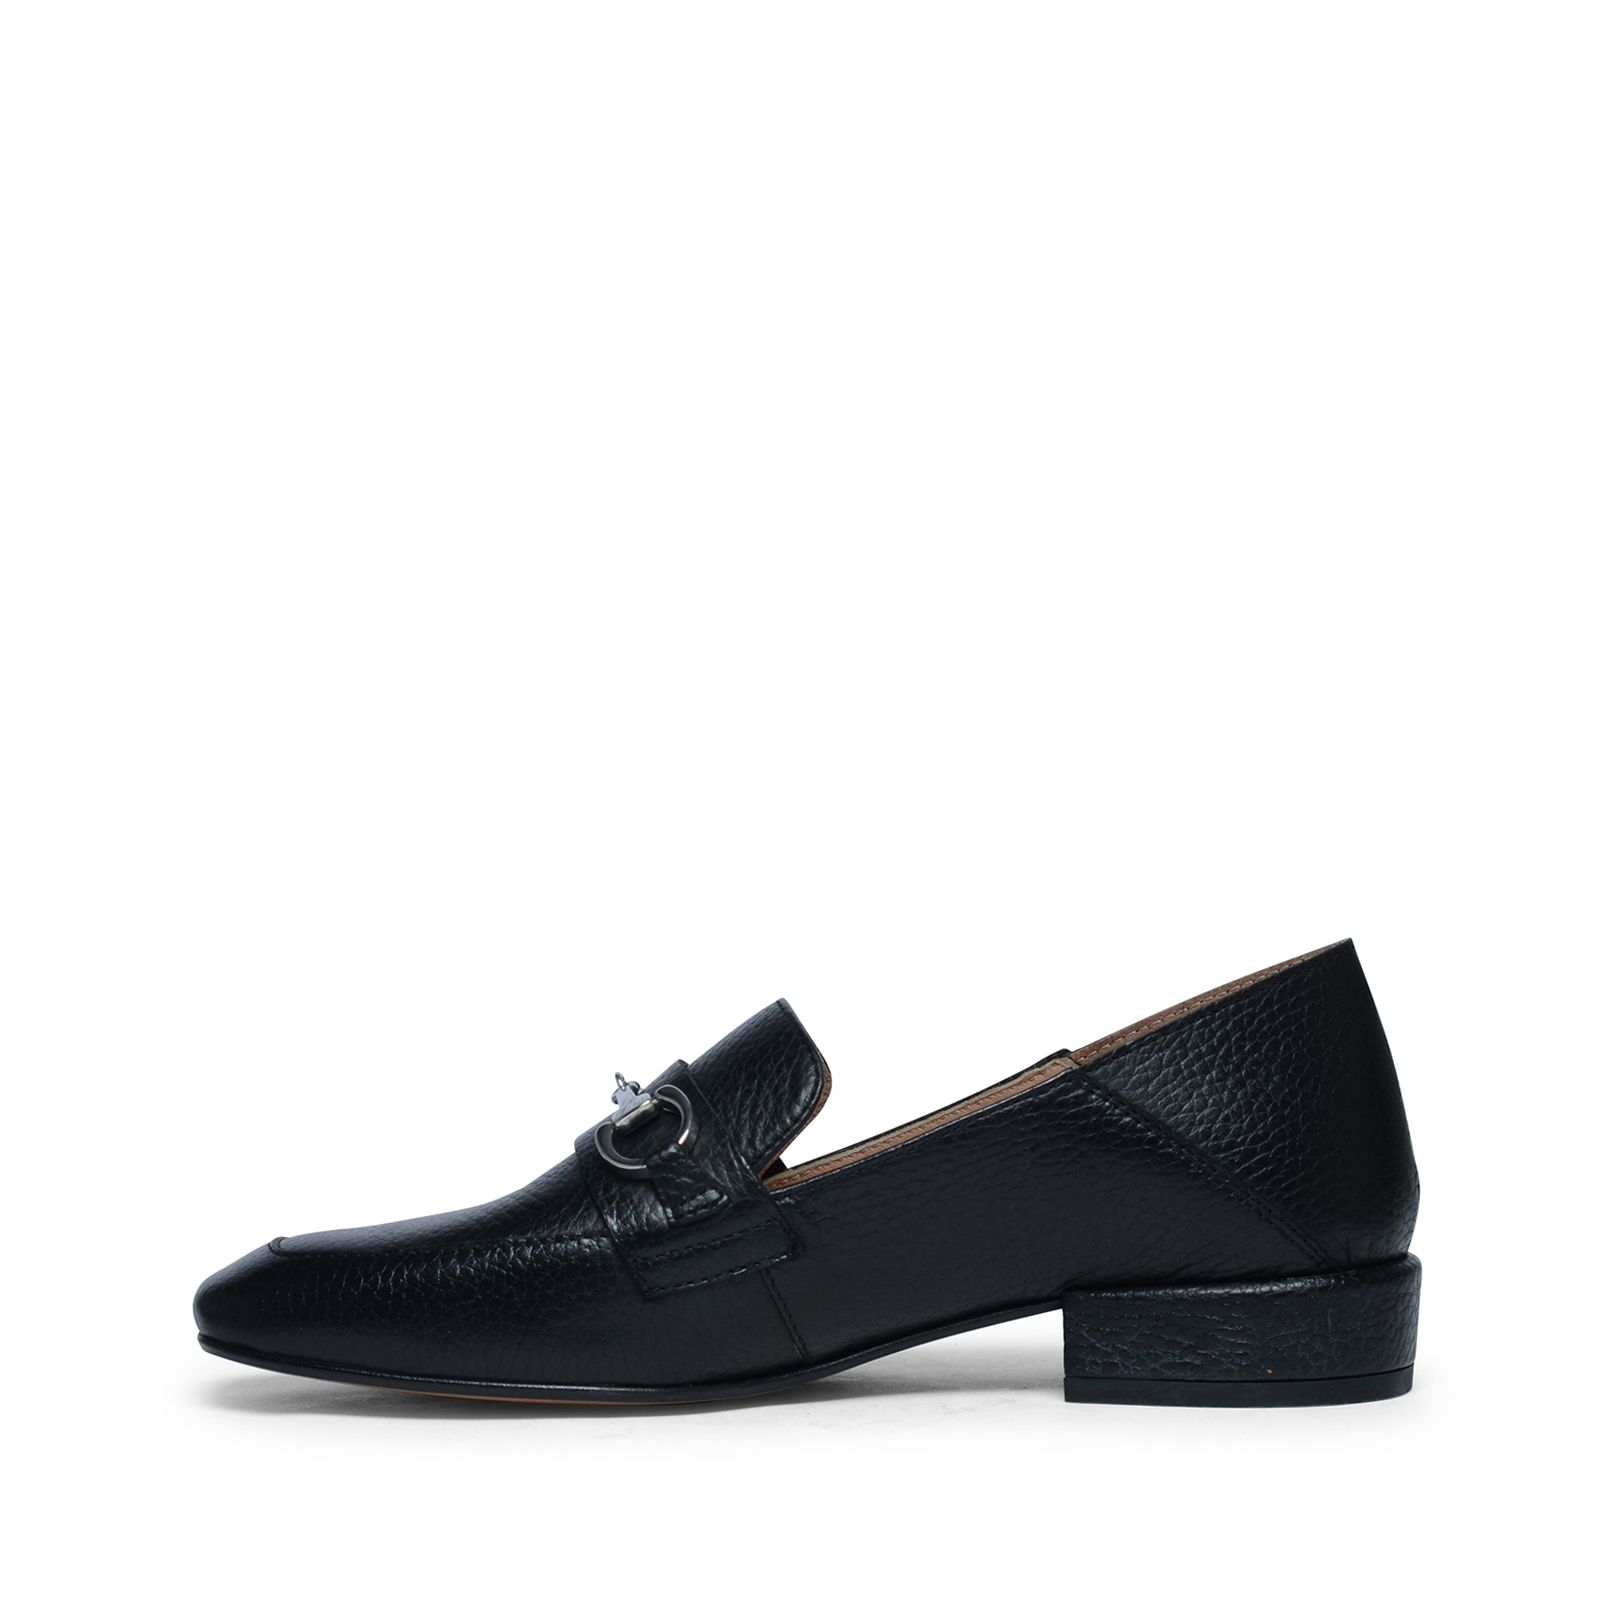 schwarze loafer mit kleinem absatz. Black Bedroom Furniture Sets. Home Design Ideas